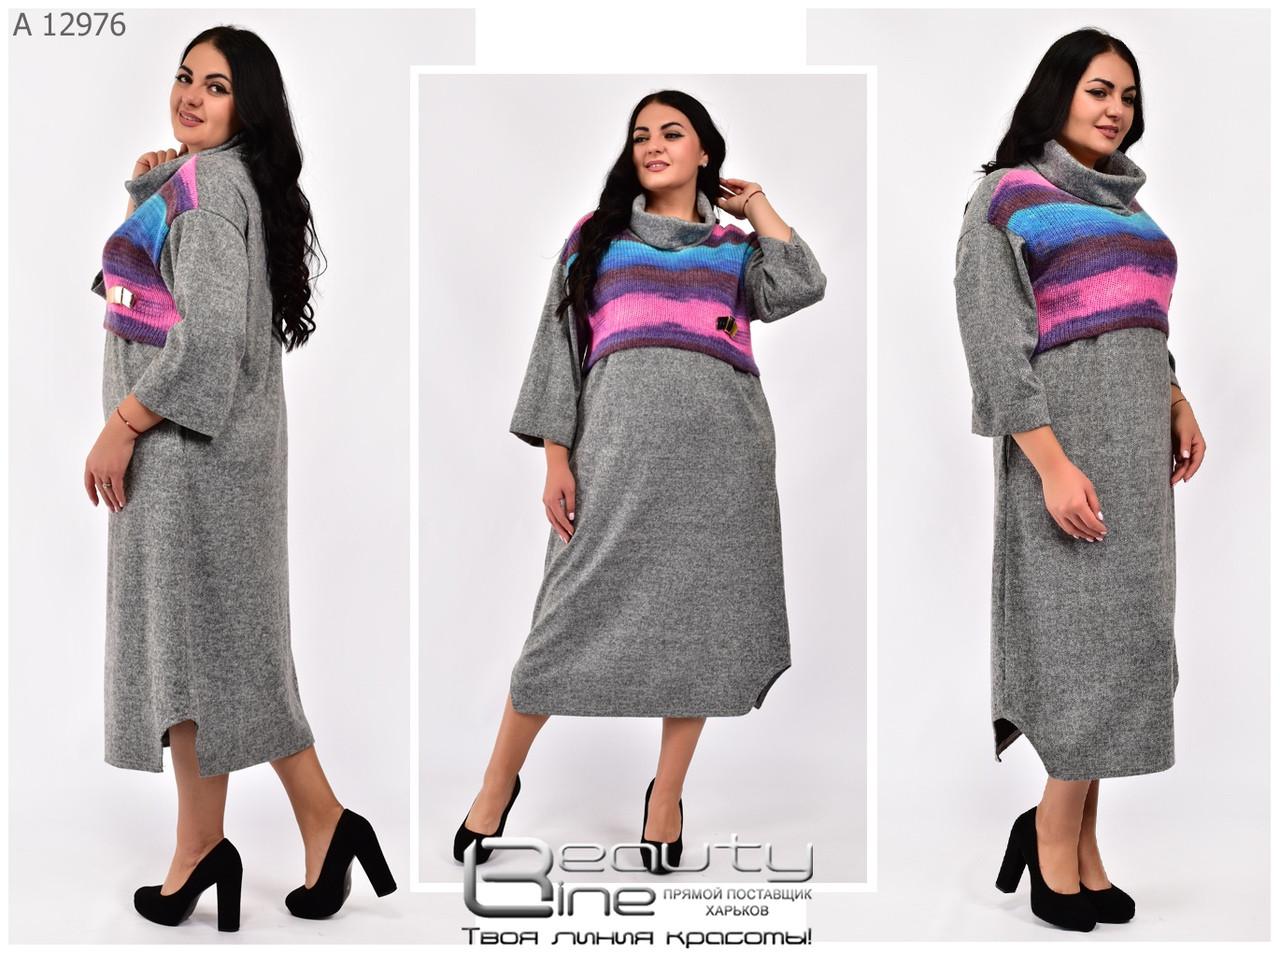 Элегантное женское платье  Размер: 52-56\56-60